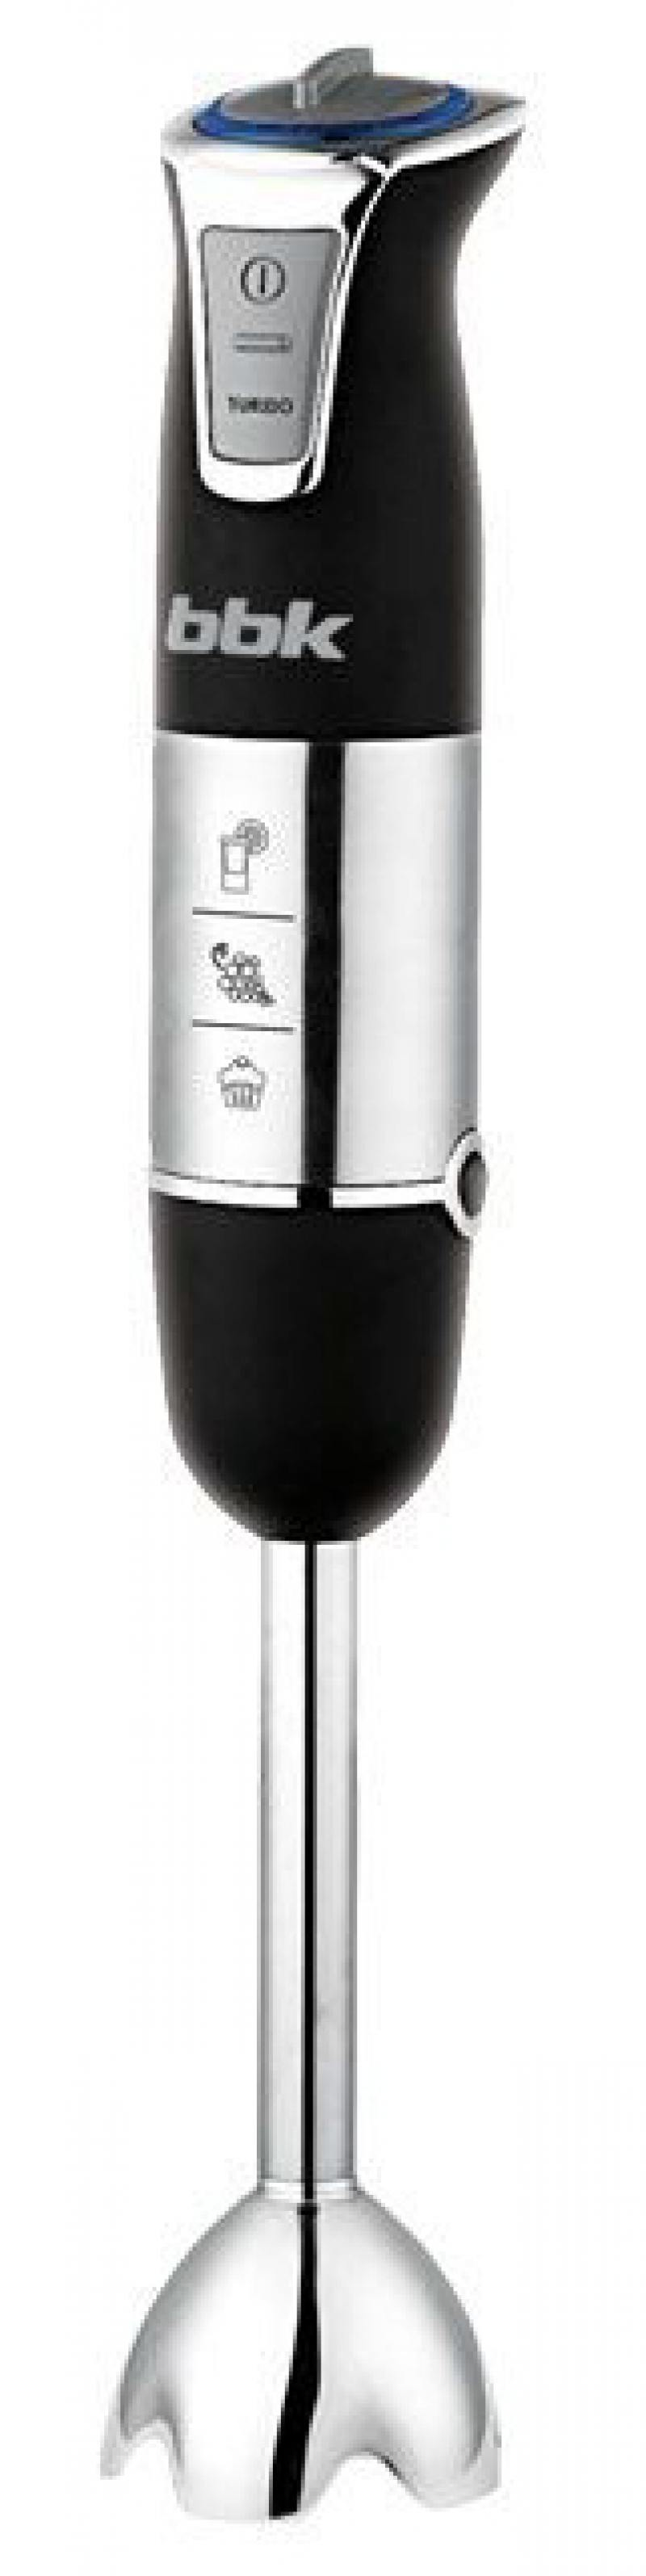 Блендер погружной BBK KBH0807 750Вт чёрный